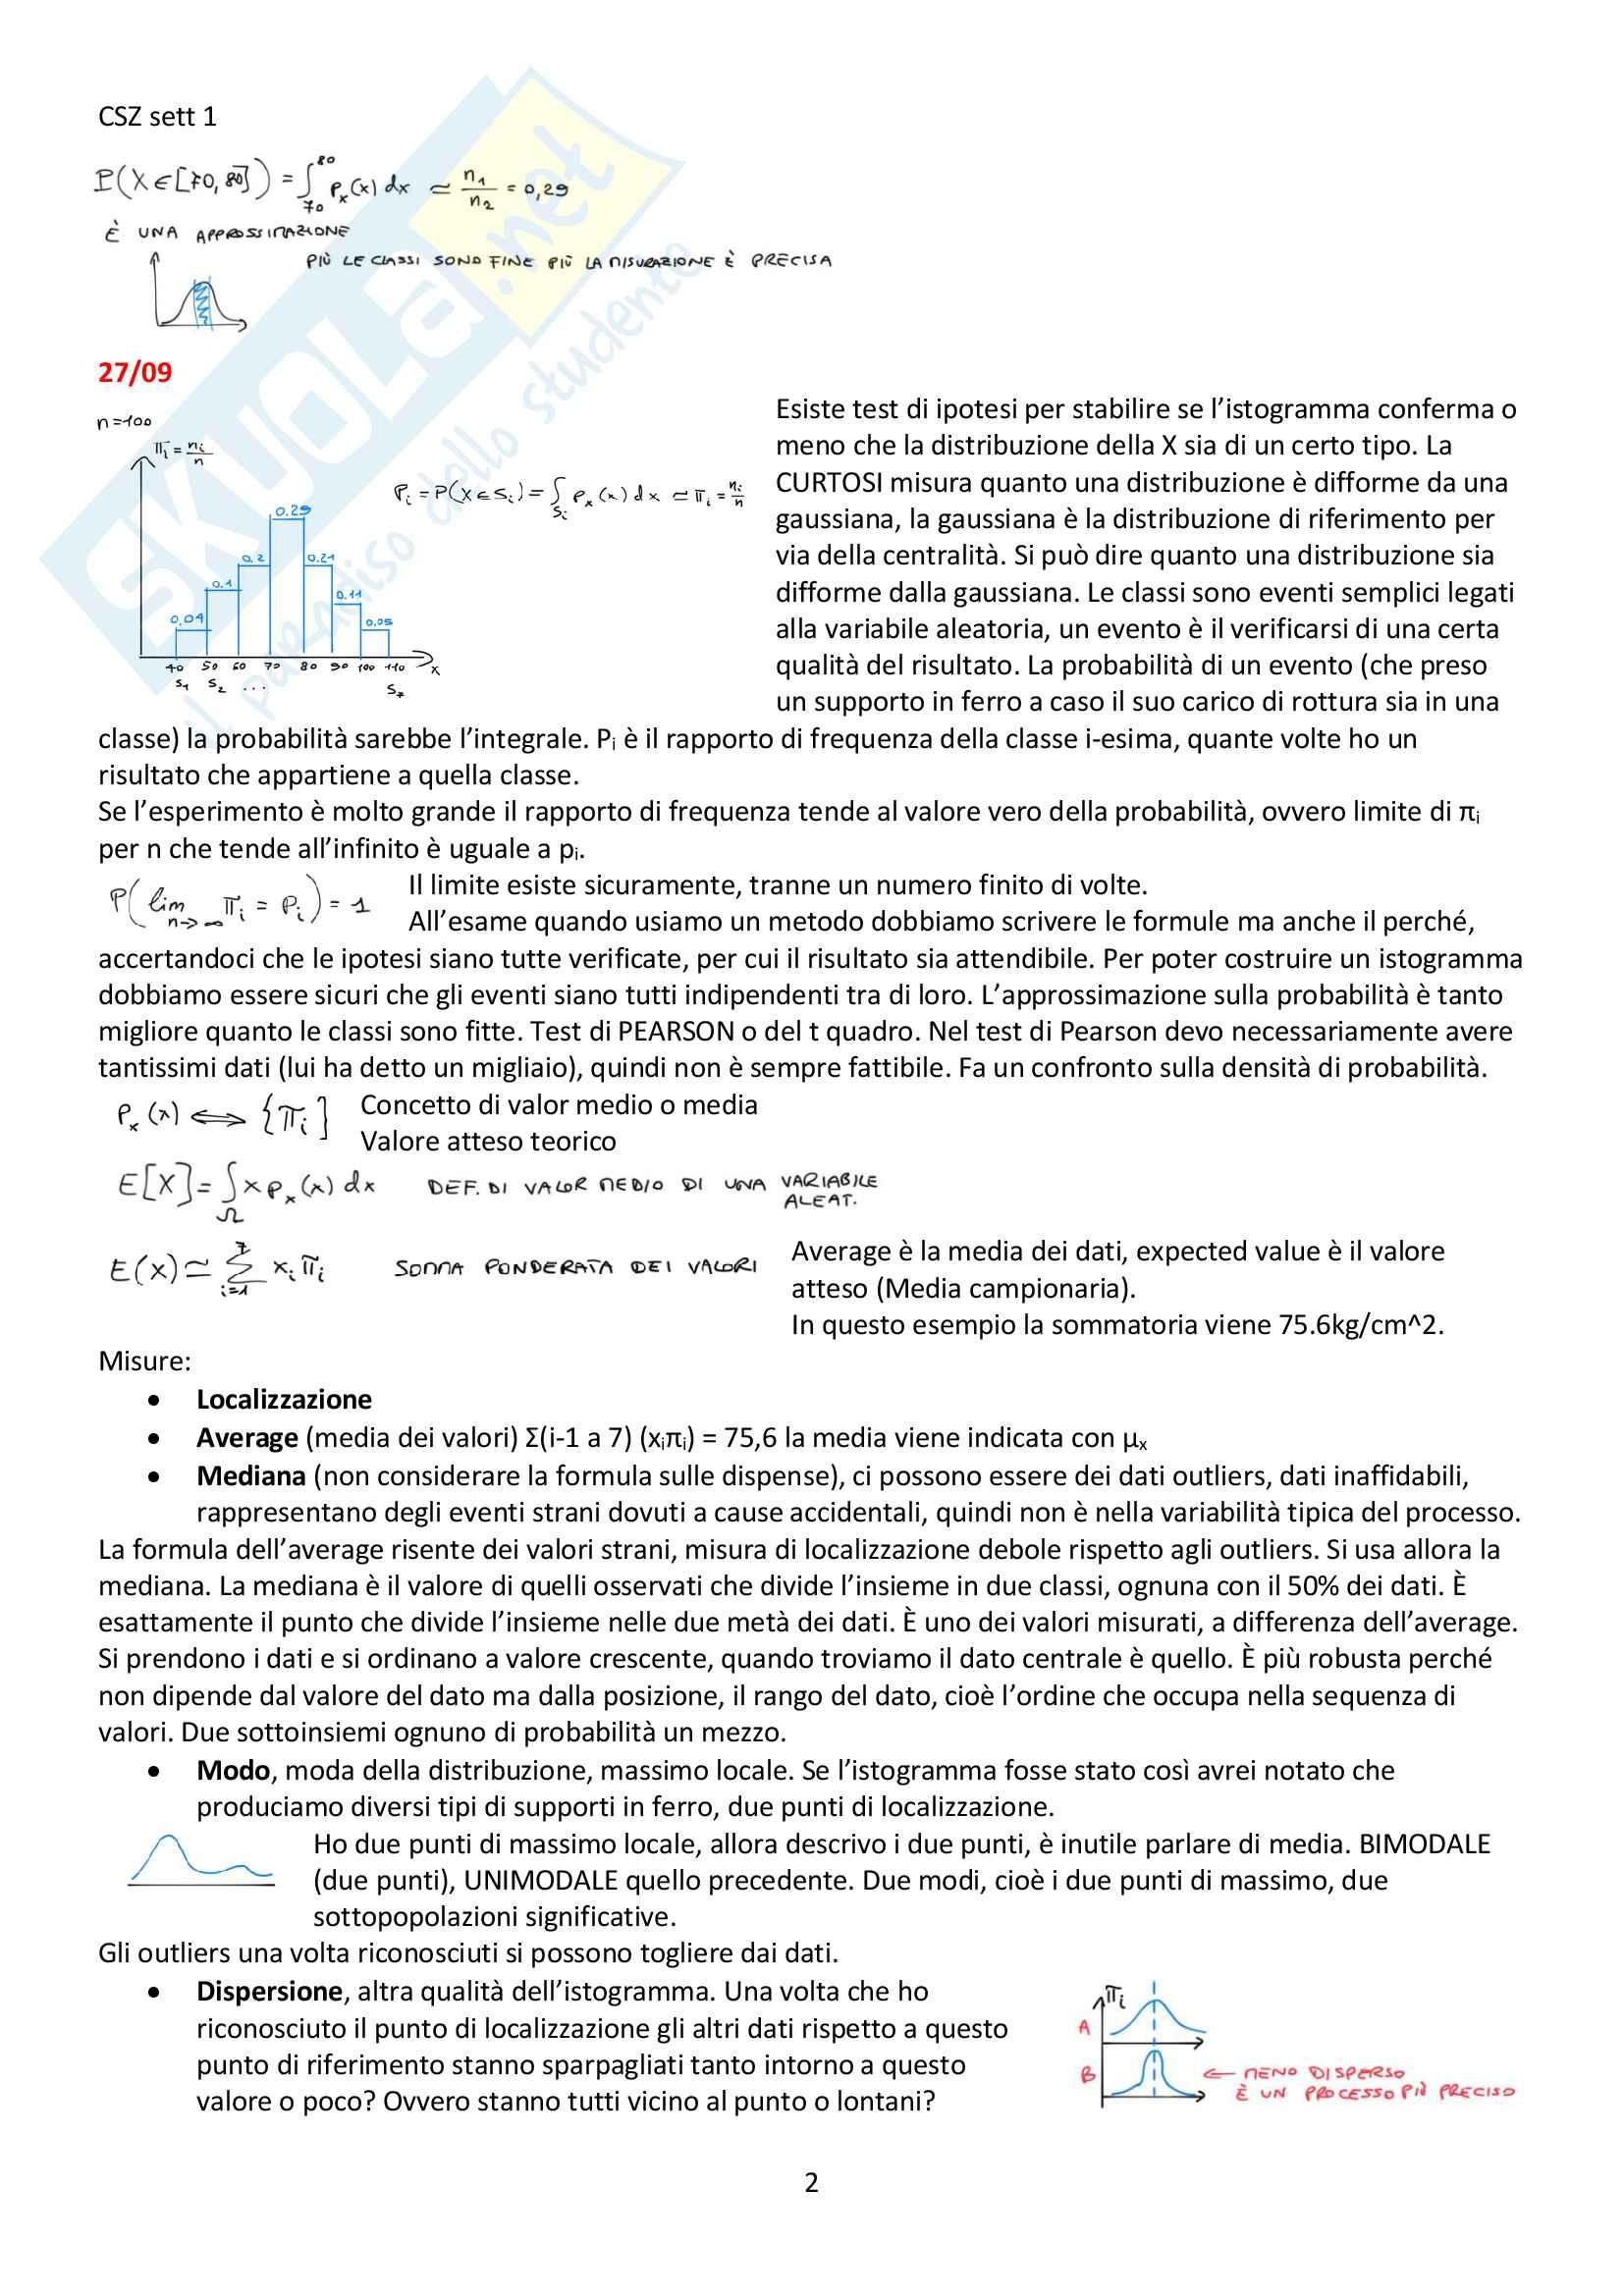 Appunti del corso Modellistica e identificazione, prof. De Santis Pag. 2